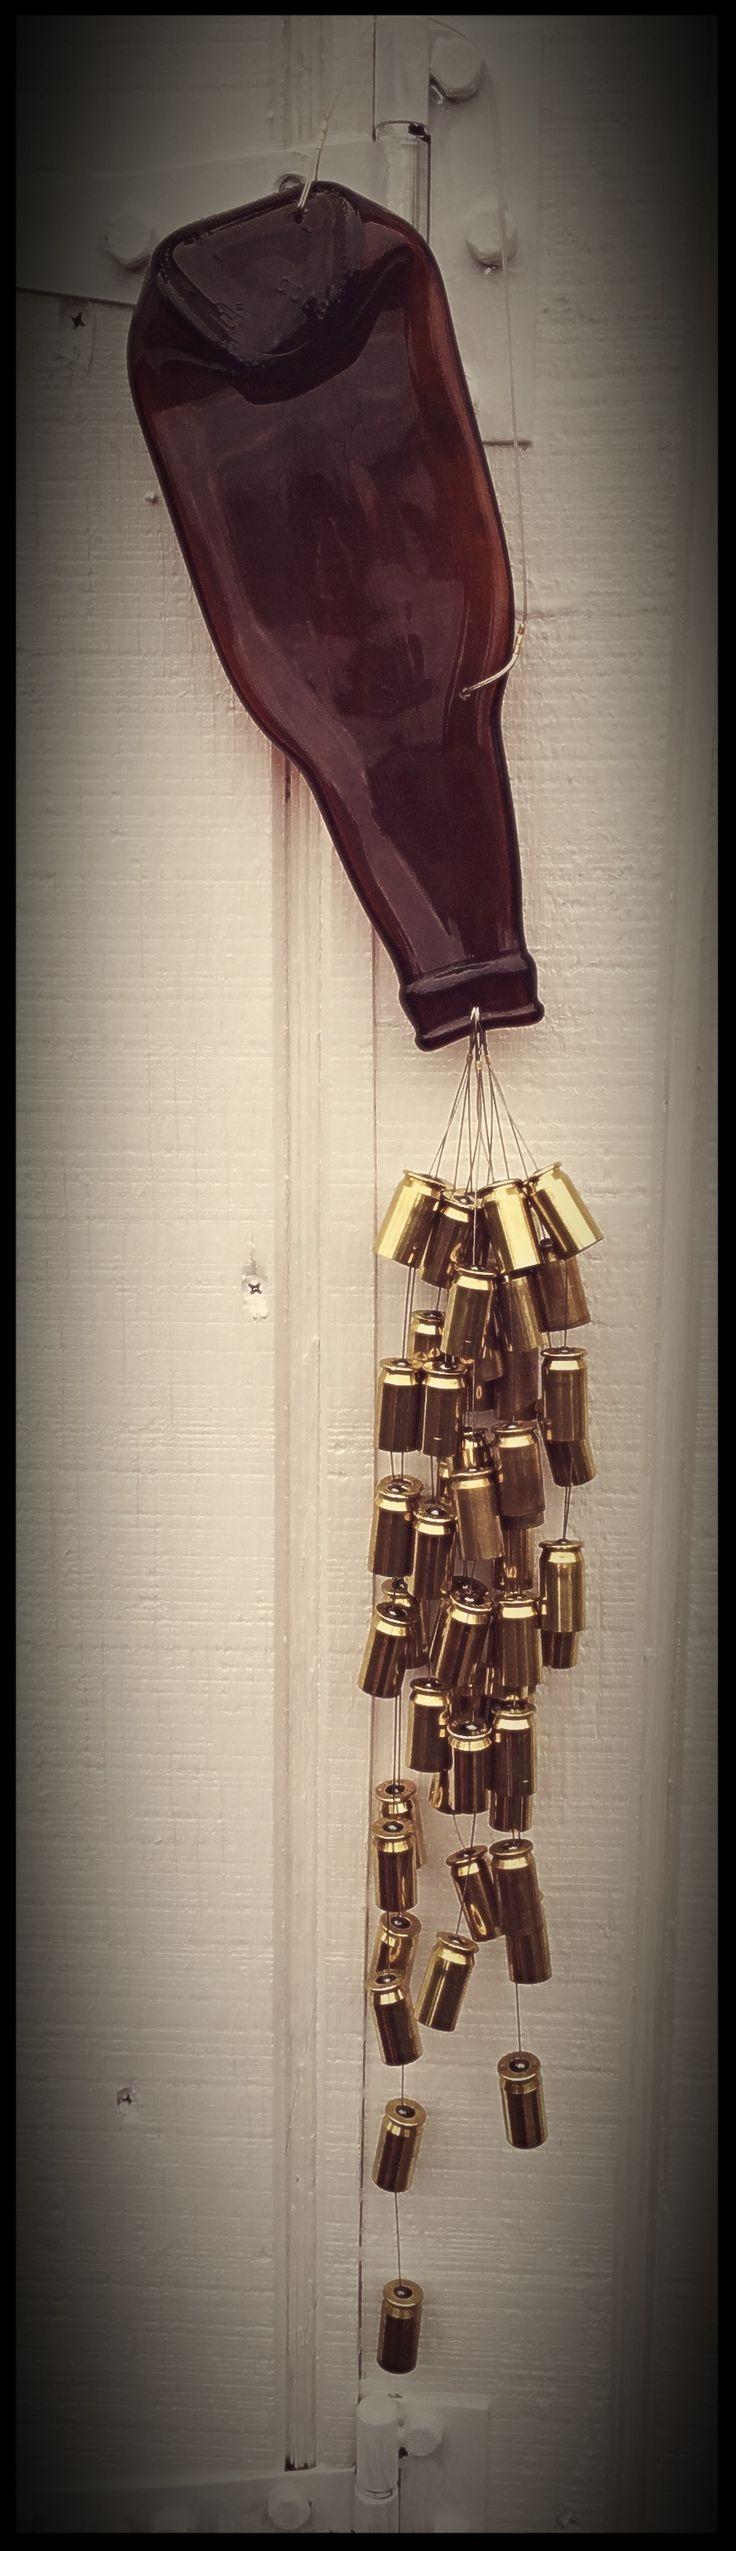 Redneck chic! Flattened upcycled old Falstaff beer bottle & bullet shell casings windchime...Julie's Junktique (Etsy.com) at Candle Shed Effect